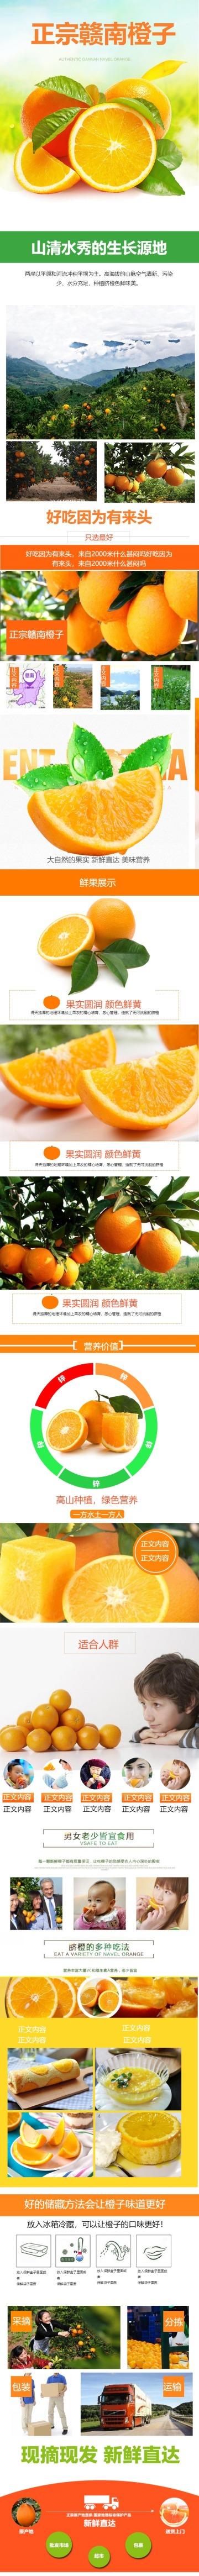 清新简约百货零售生鲜水果橙子促销电商商品详情页